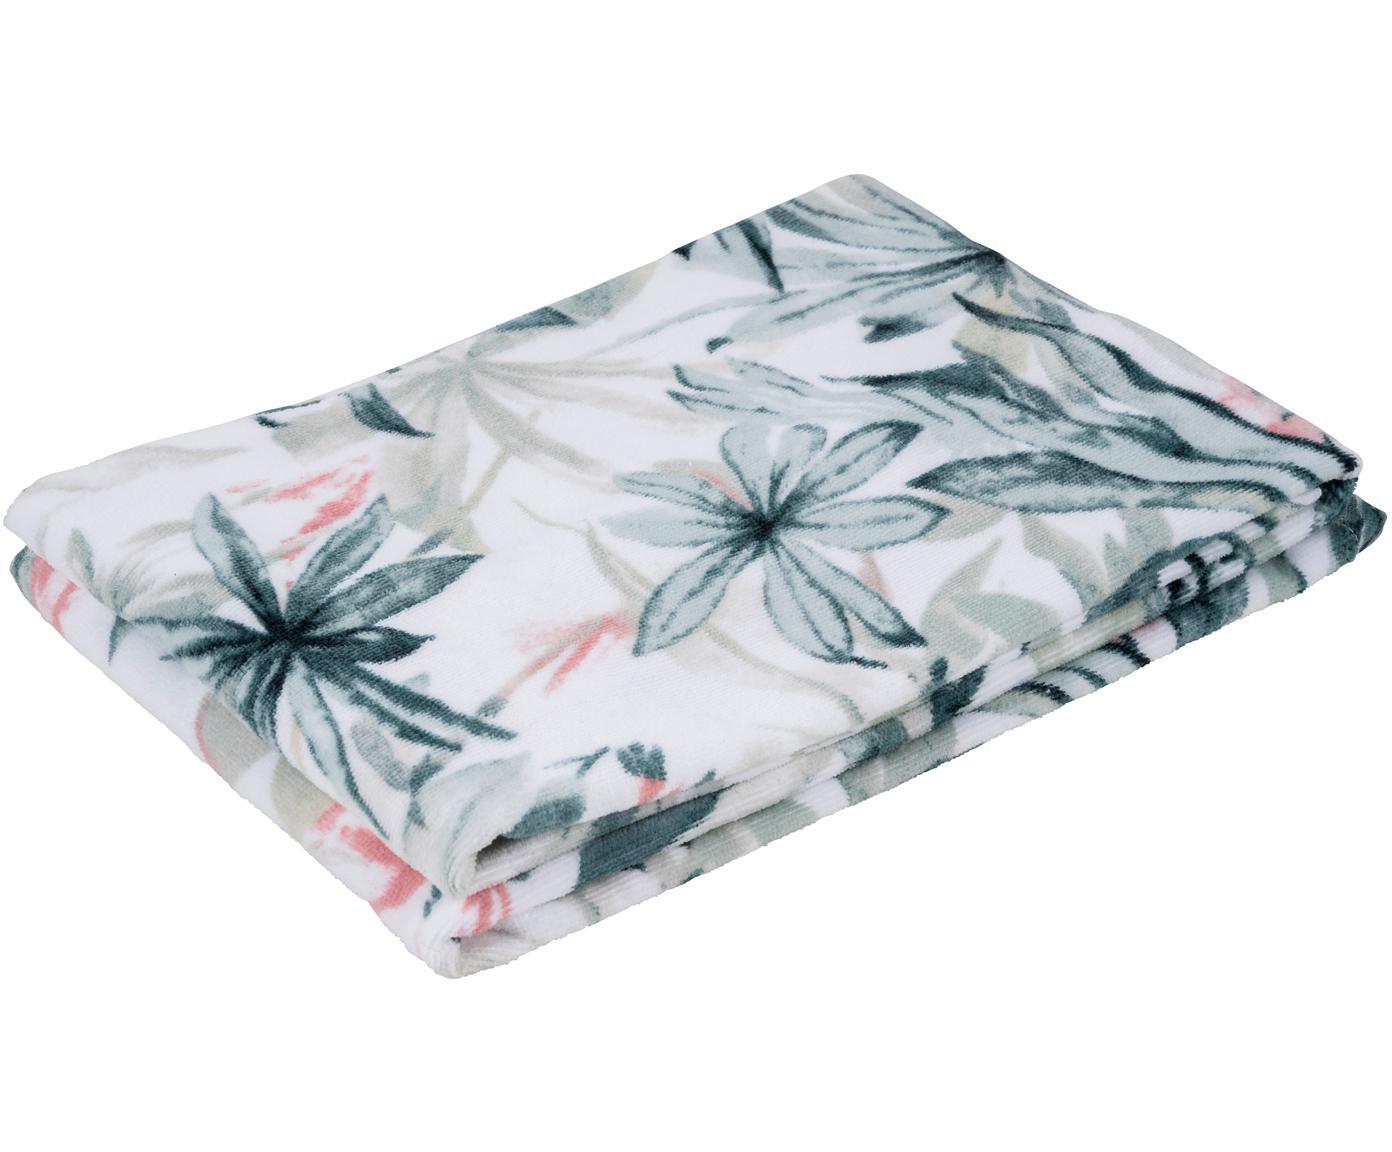 Ręcznik Foglia, Bawełna, Biały, wielobarwny, Ręcznik dla gości